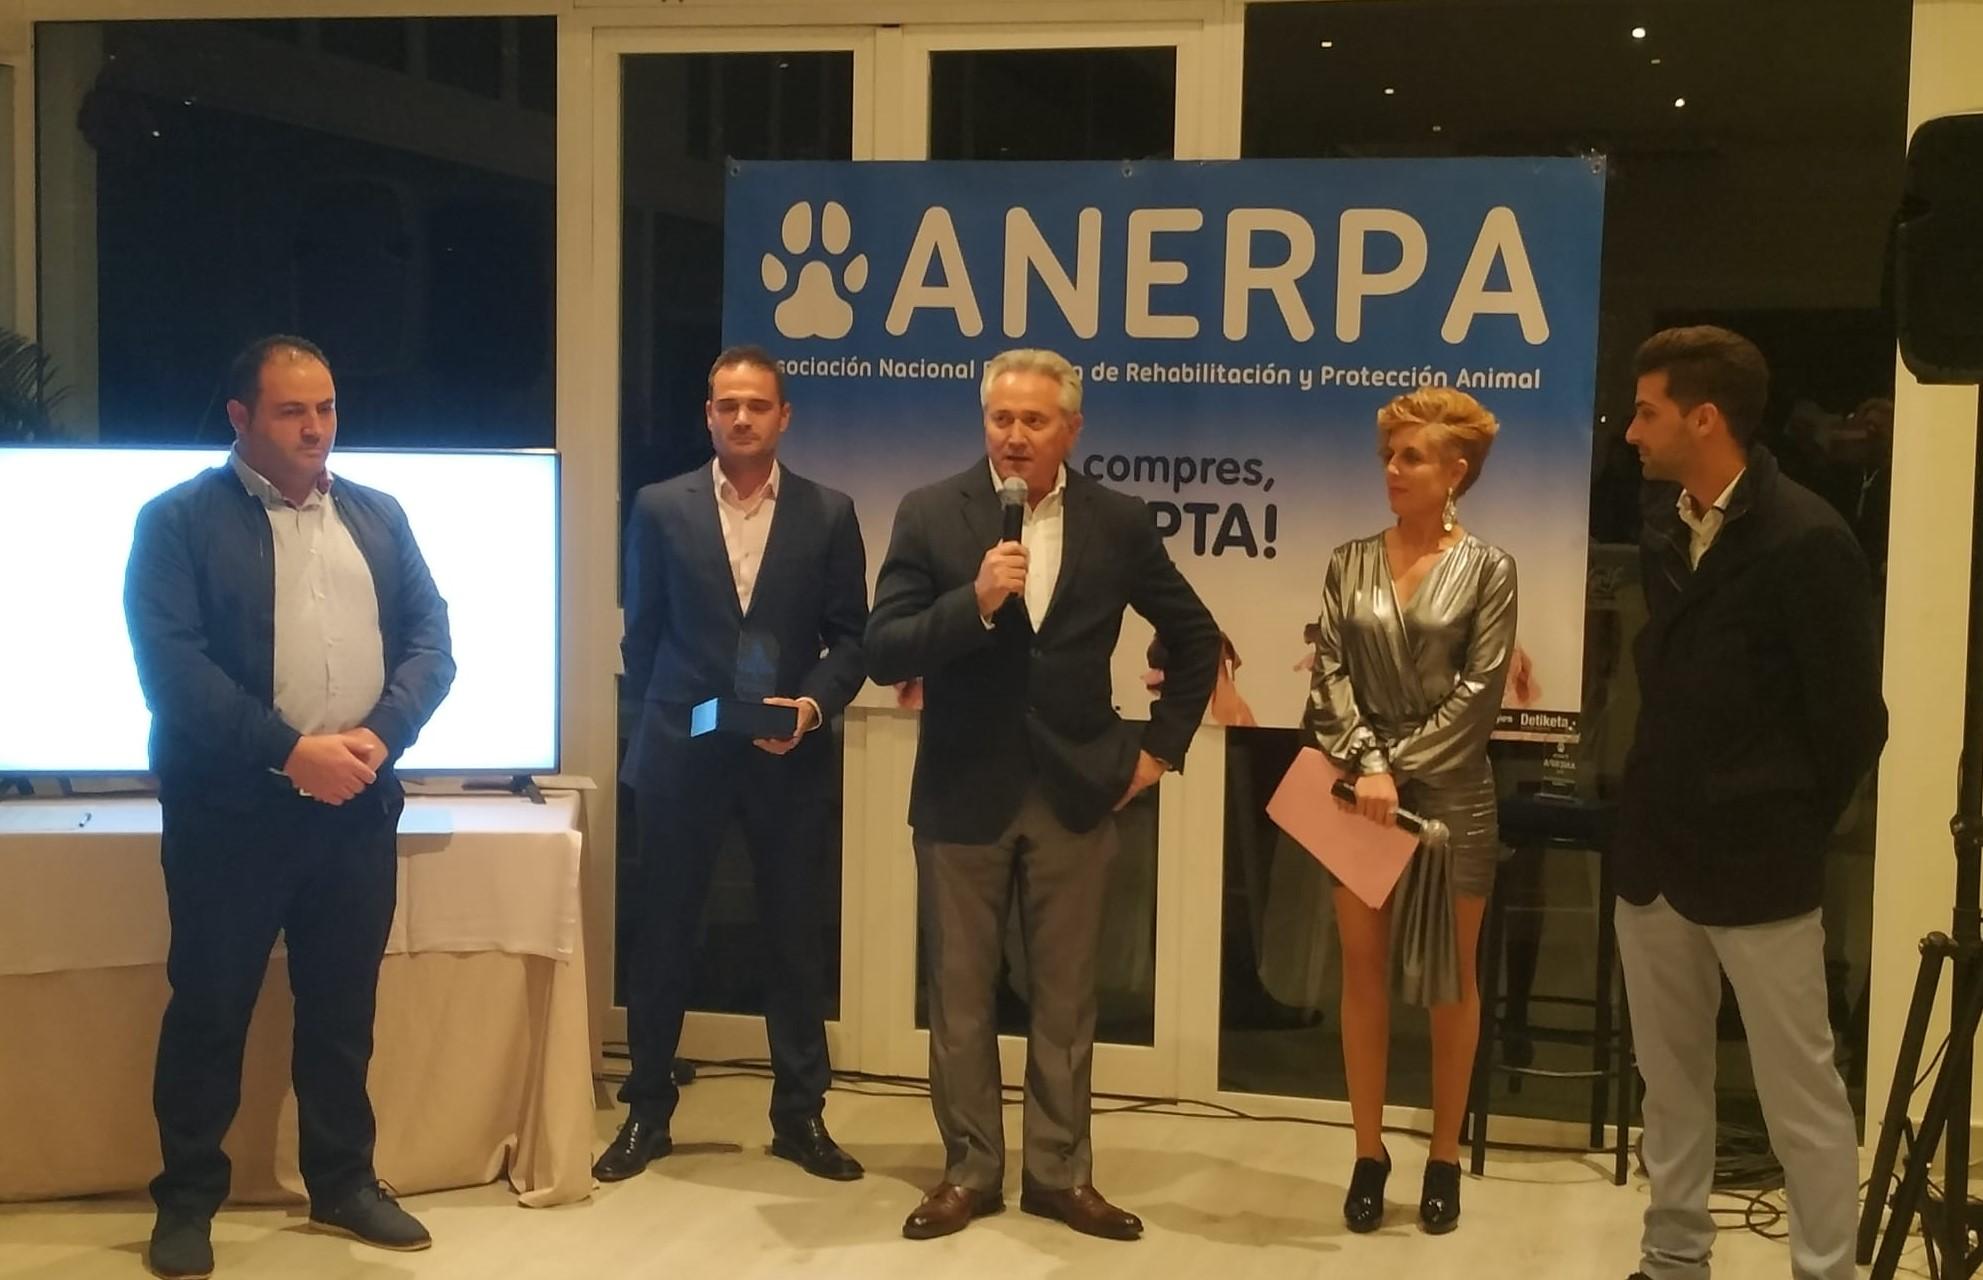 Premio ANERPA